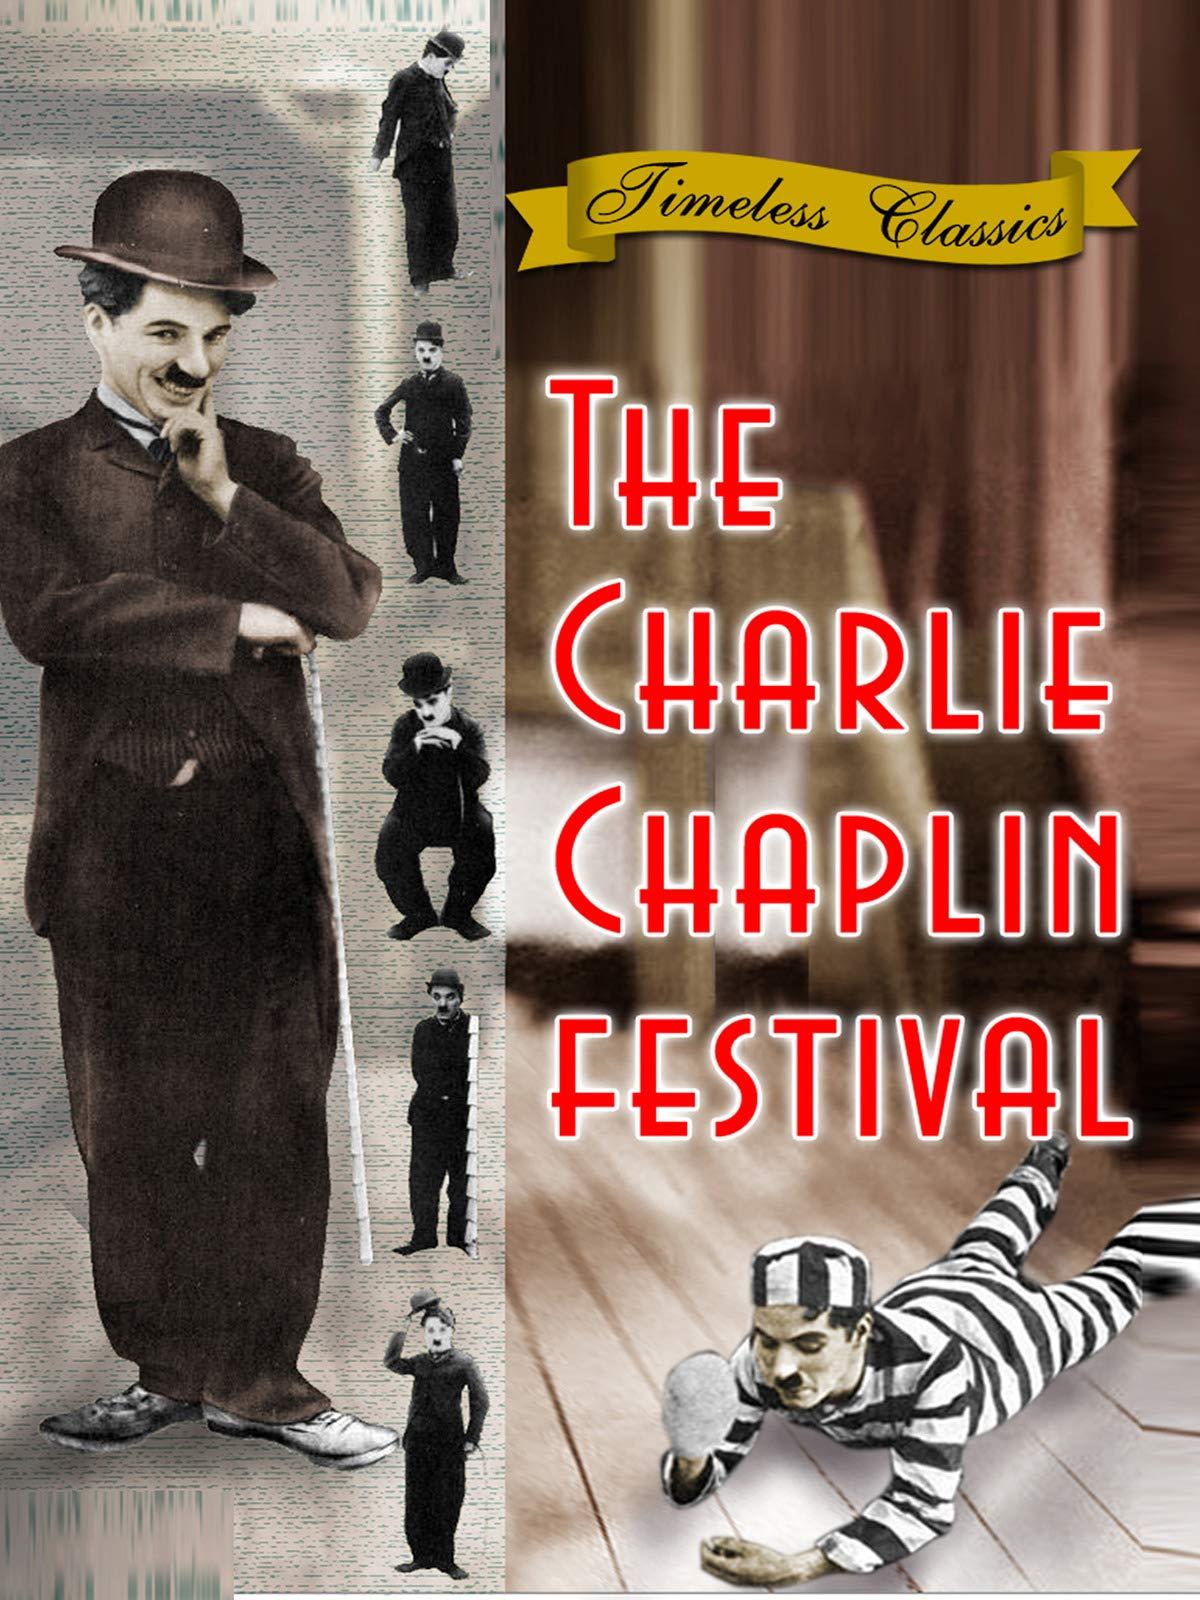 The Charlie Chaplin Festival (1917)